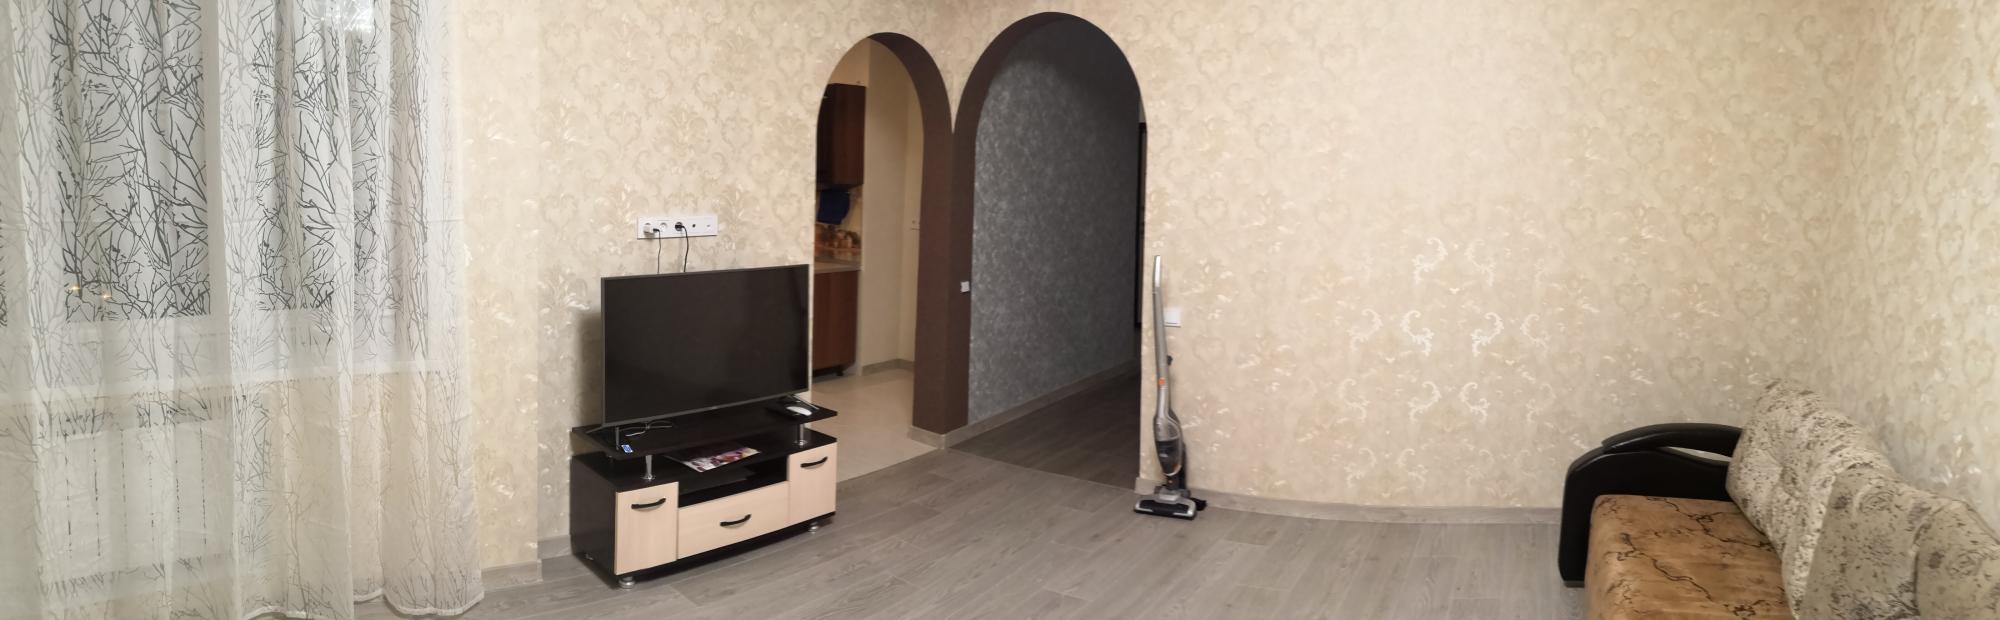 Квартира, 3 комнаты, 74 м² в Щербинке 89990025182 купить 7